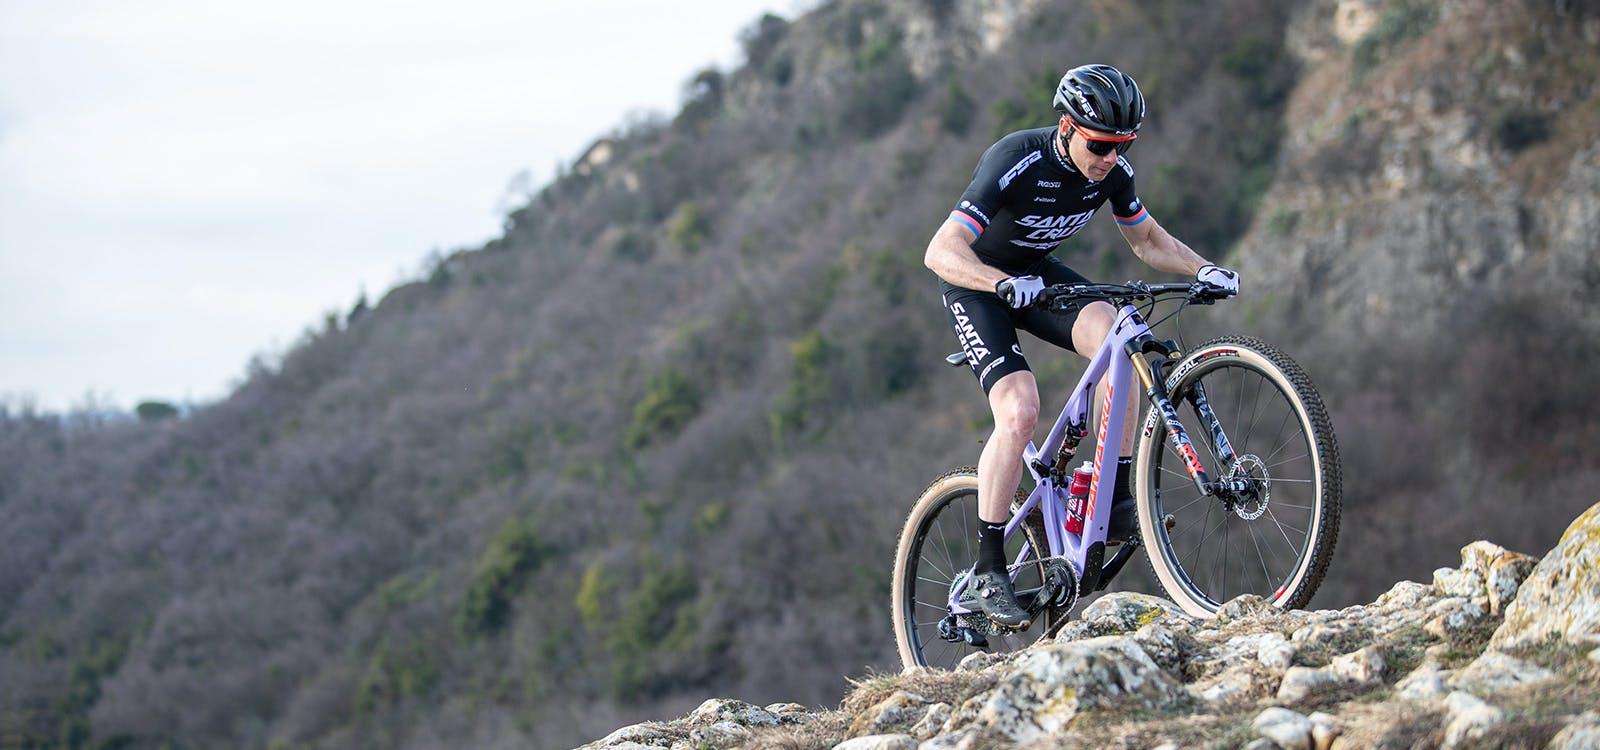 Maxime Marotte riding his Santa Cruz Blur